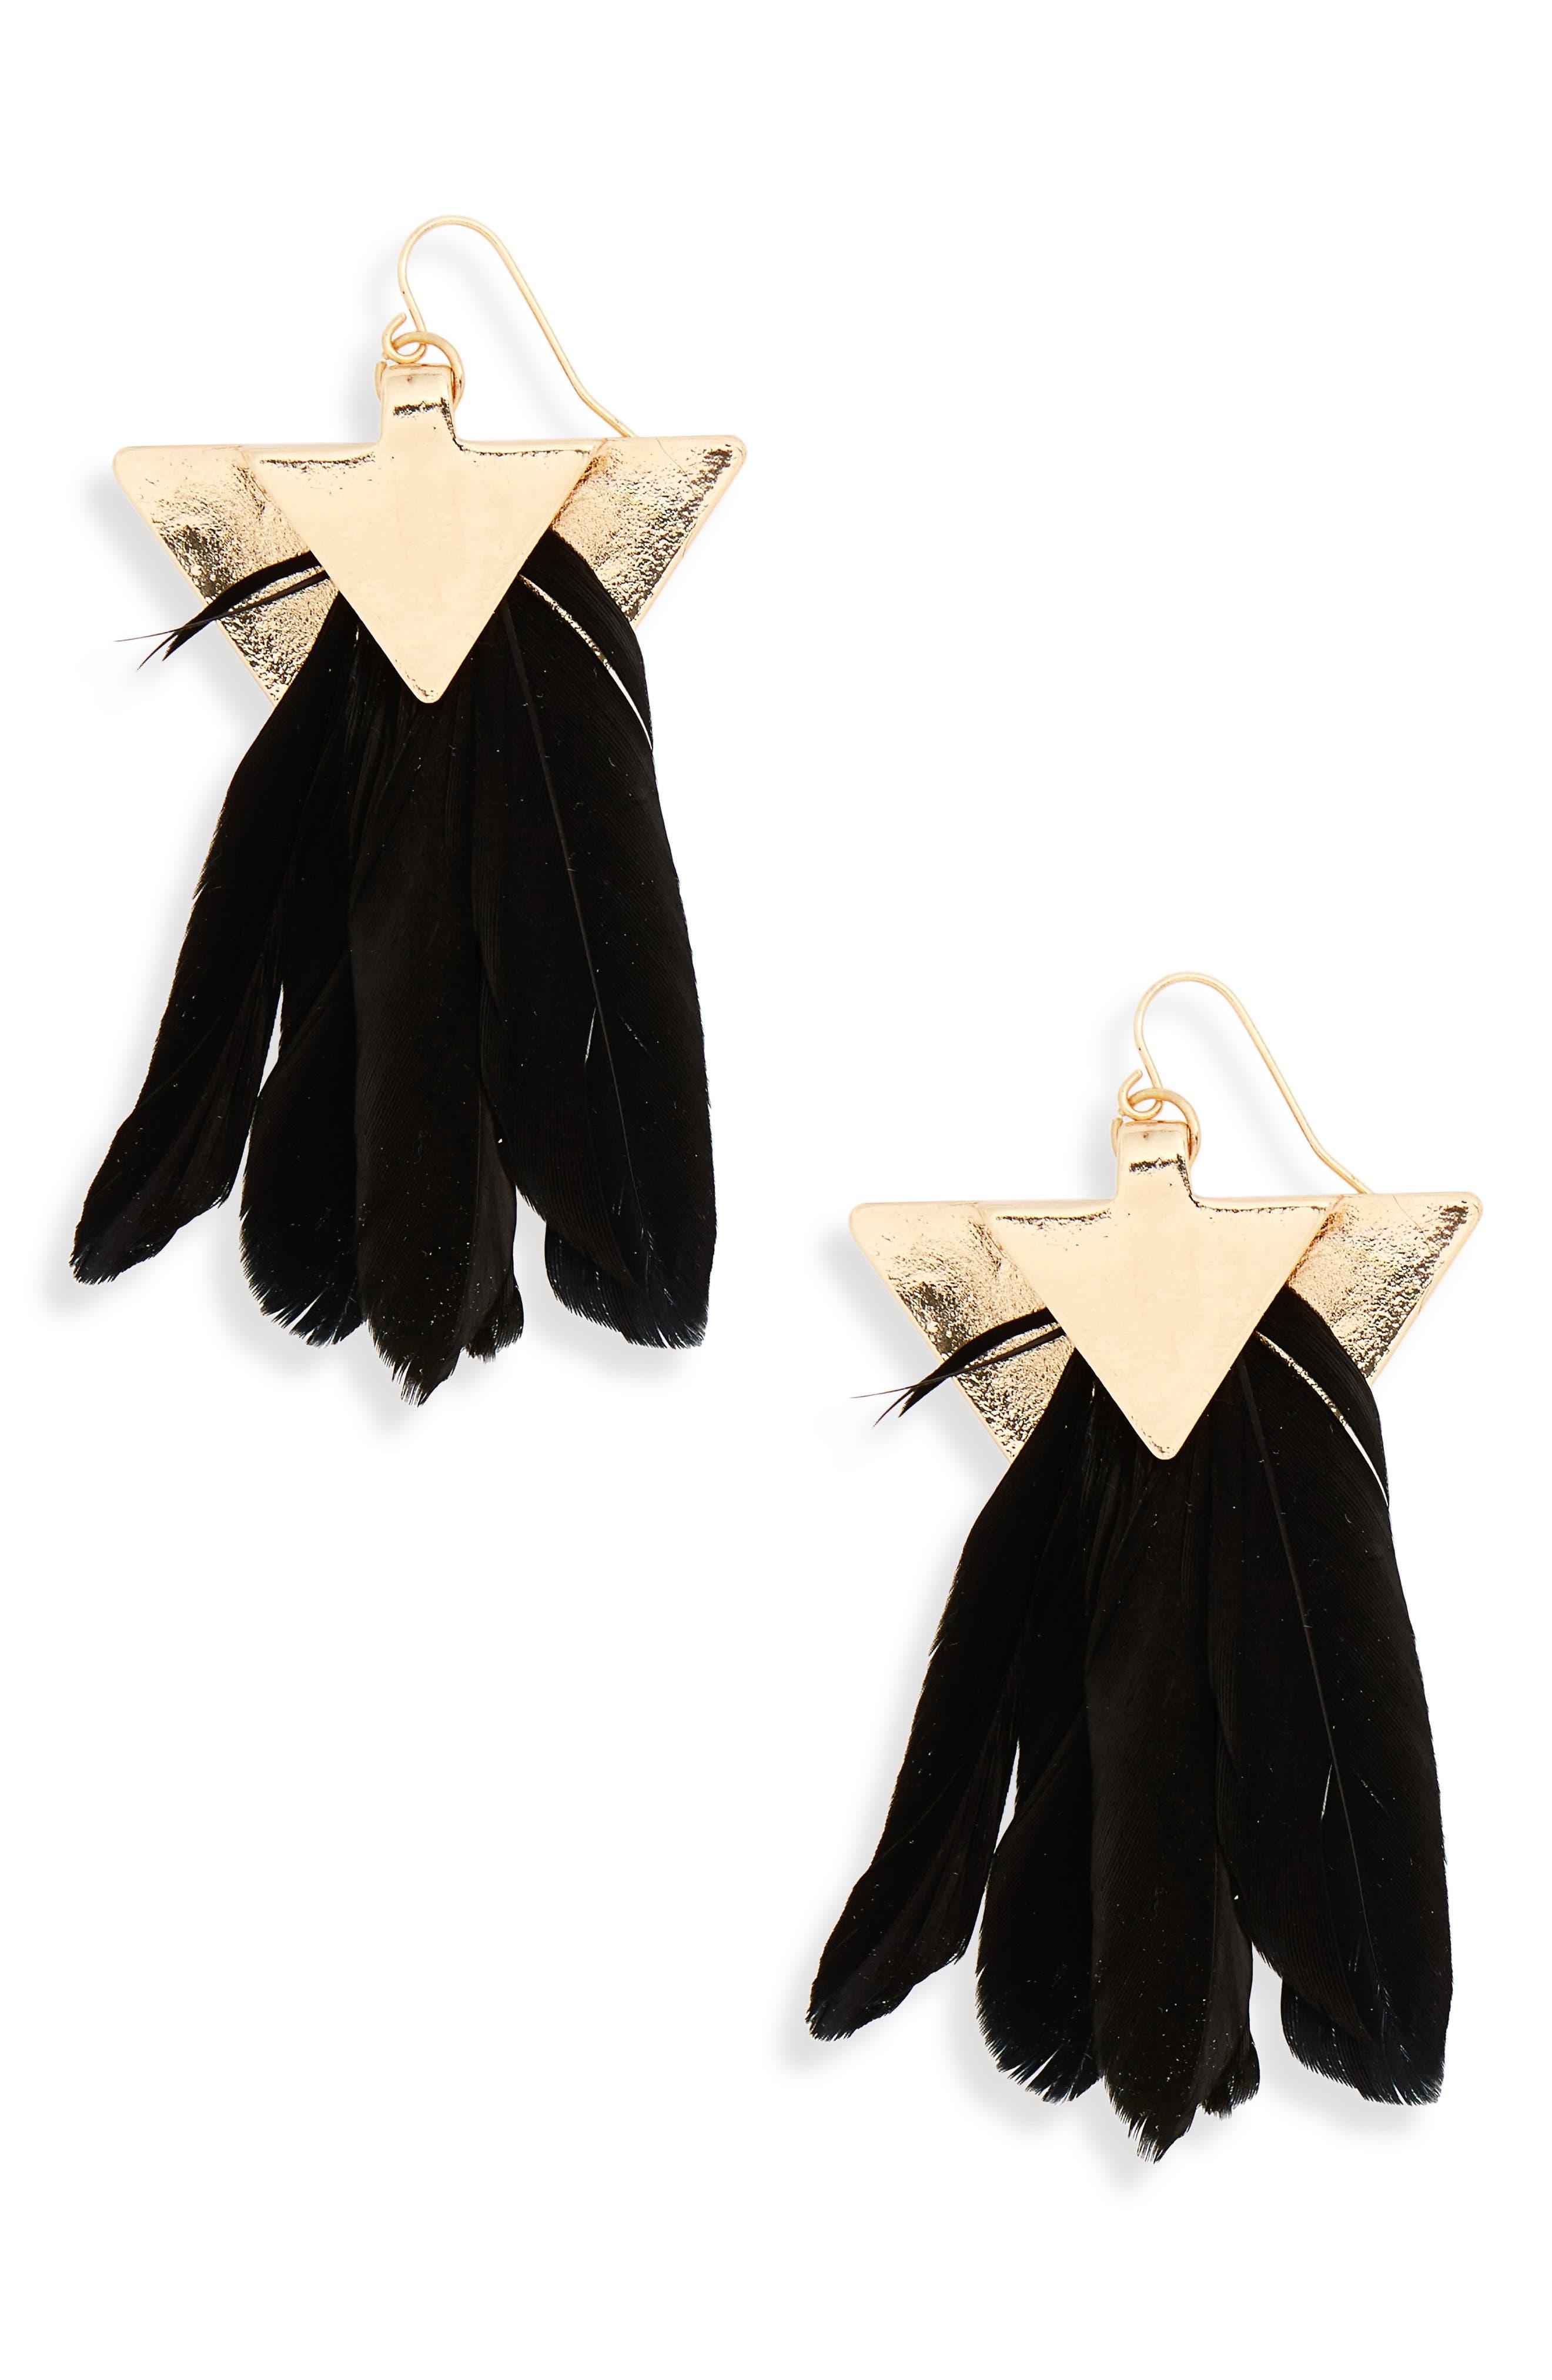 Feather Fan Earrings,                         Main,                         color, Gold/ Black